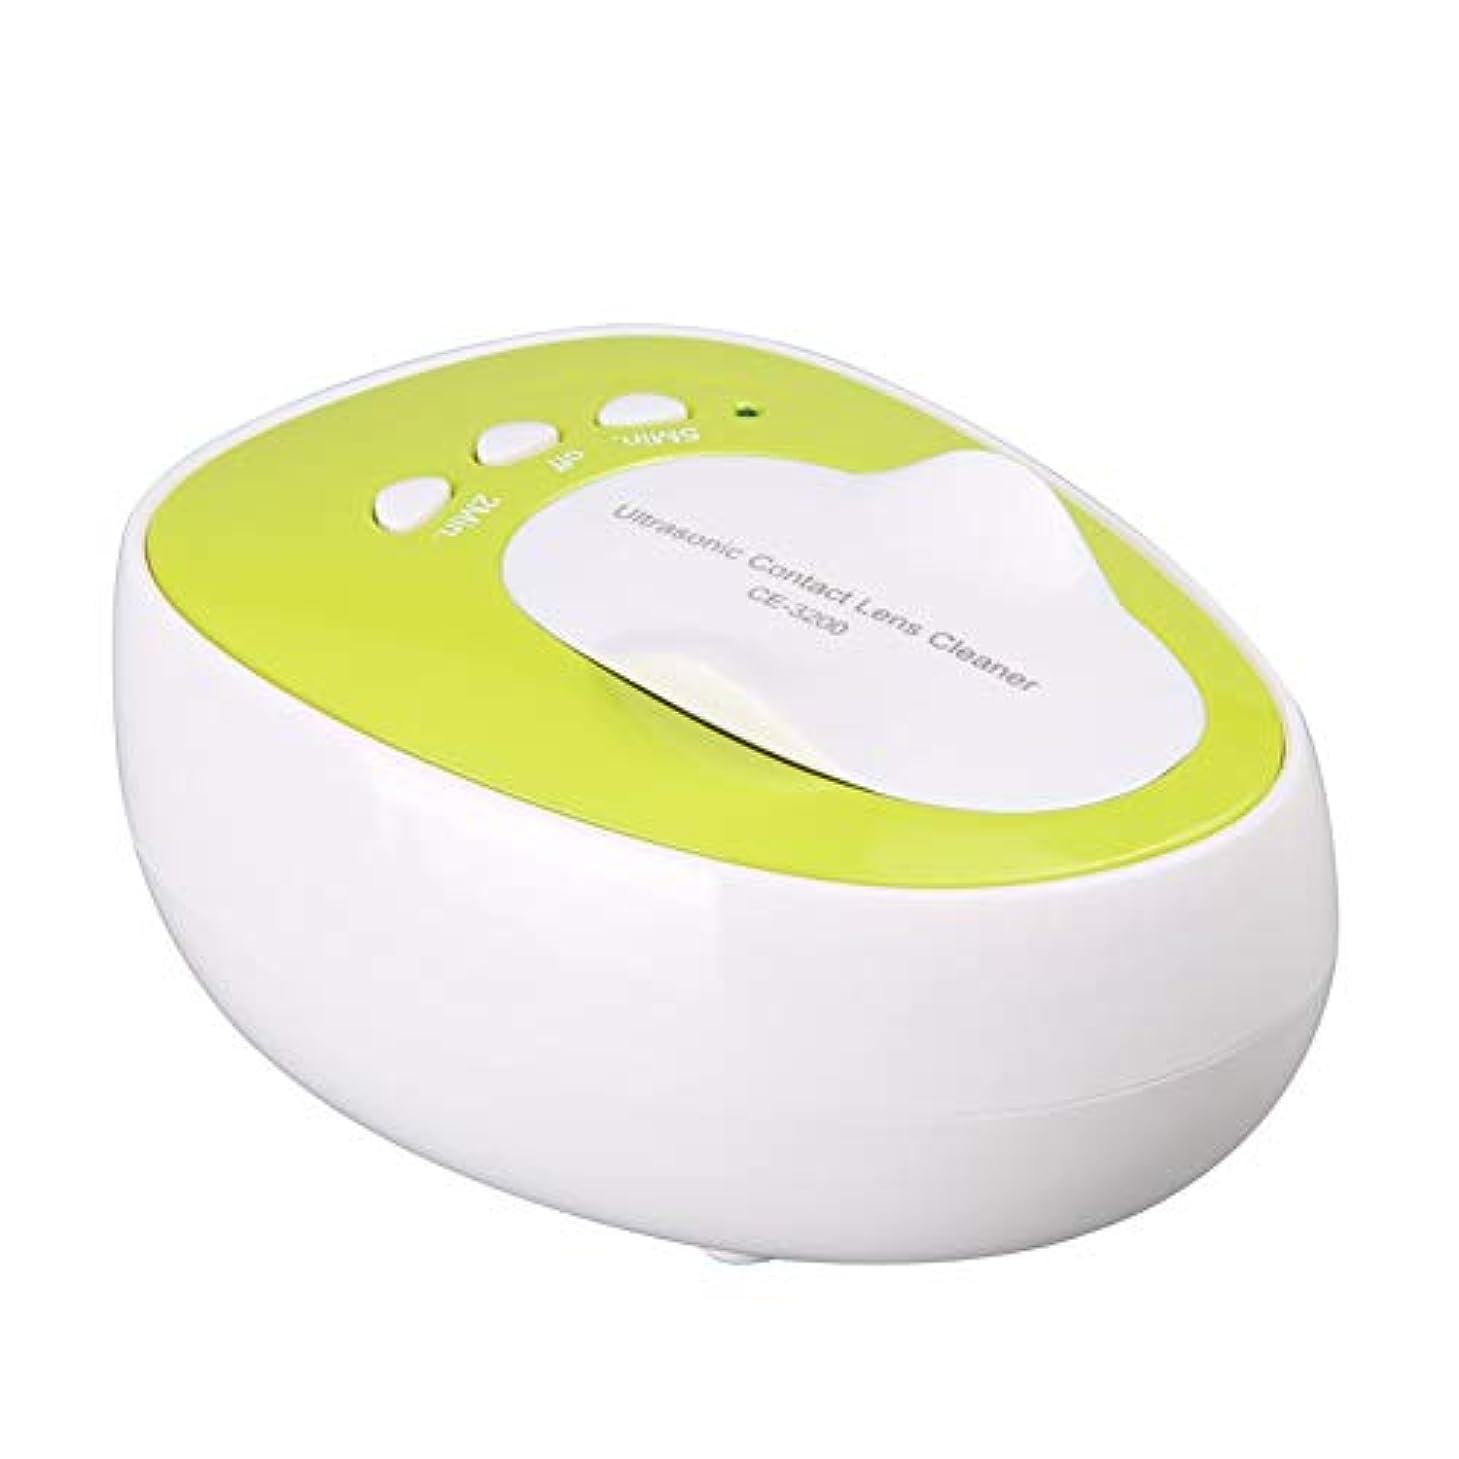 コンタクトレンズ 超音波洗浄器 ミニ超音波クリーナー コンパクト 旅行 携帯式 FidgetFidget コンタクトレンズ用ミニオートマチック超音波クリーナー イギリスの規制